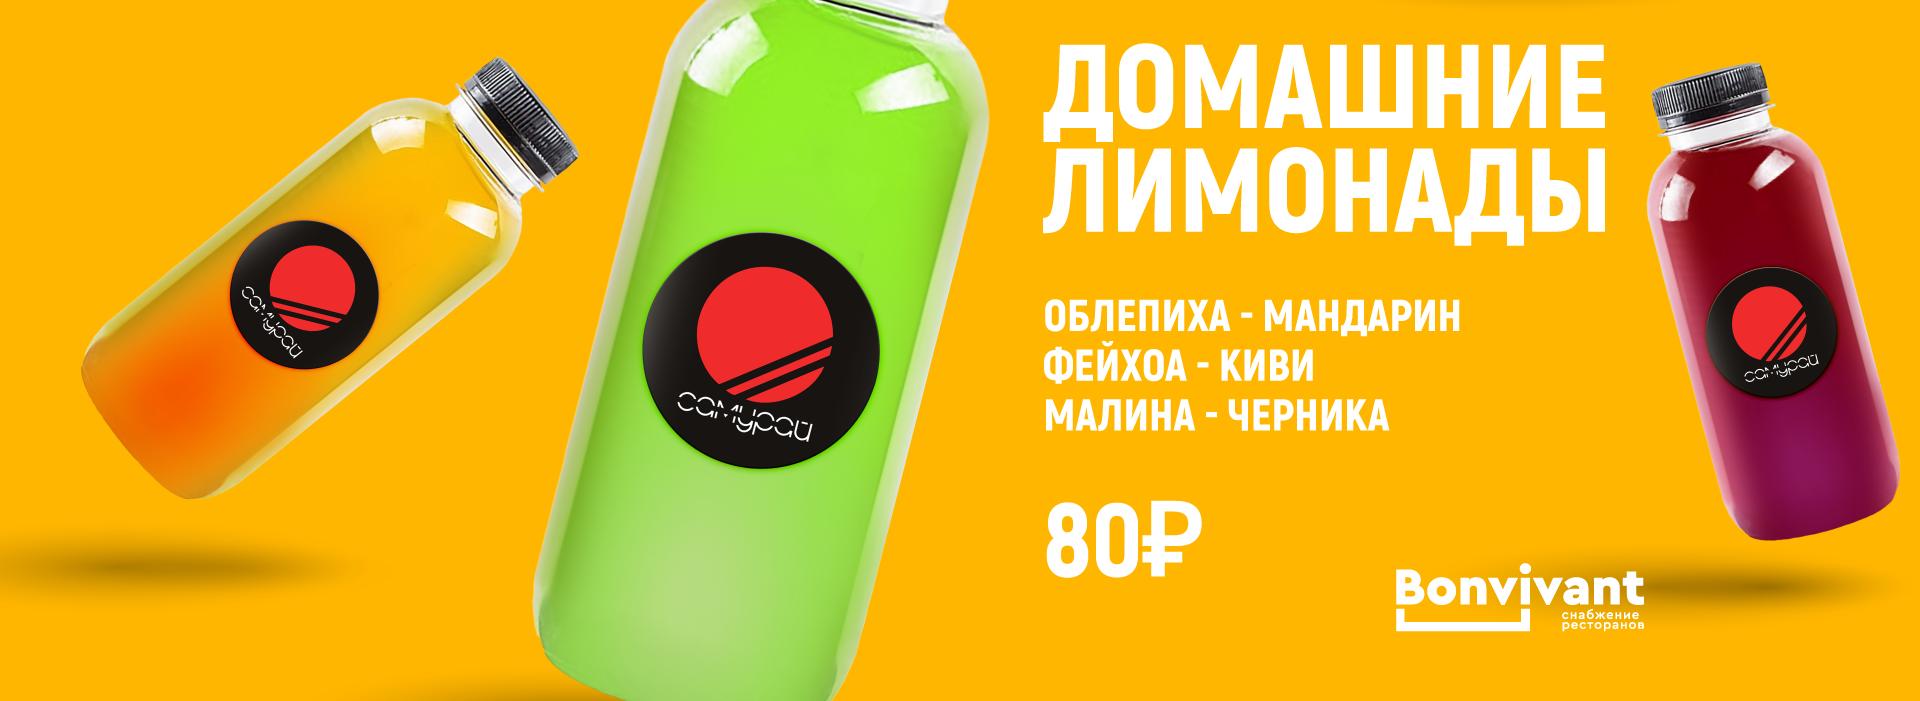 Domashniy_Limonad__Slider